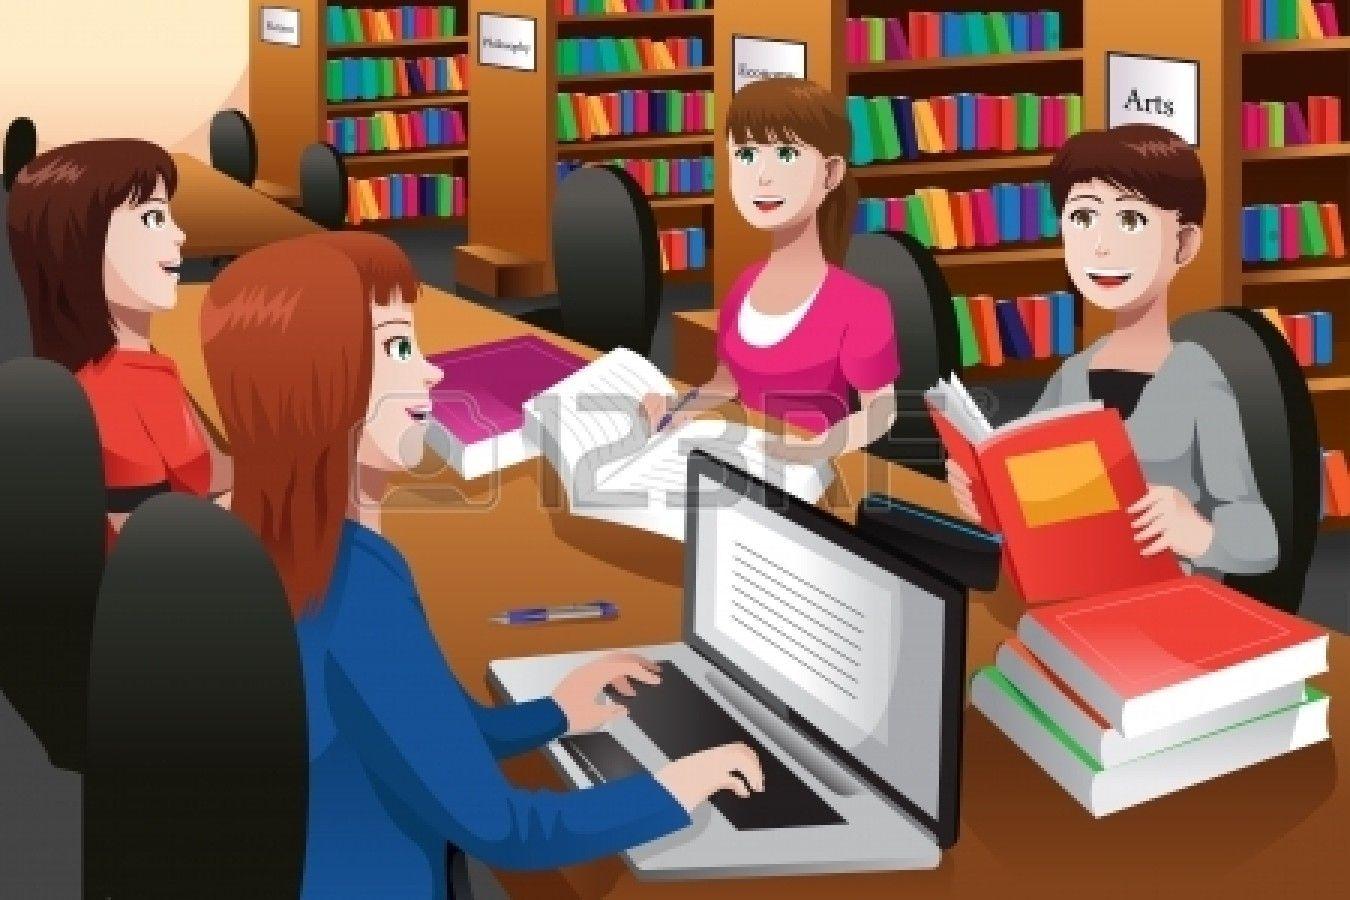 Illustration D Etudiants Etudiant Dans Une Bibliotheque